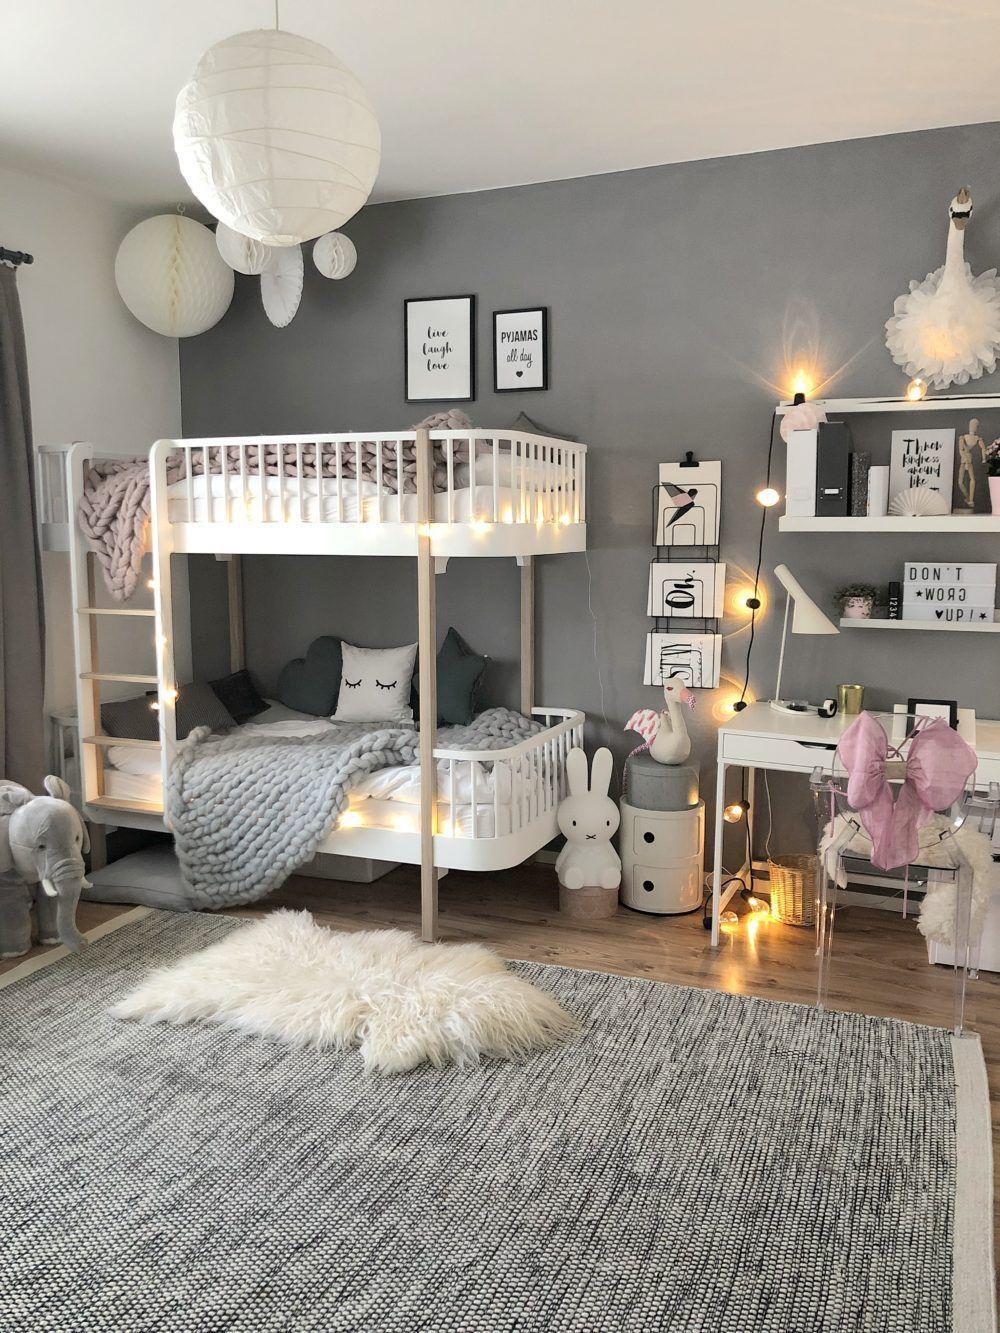 Kinderzimmer Vorher Und Nachher Innenausbau Pinterest Room